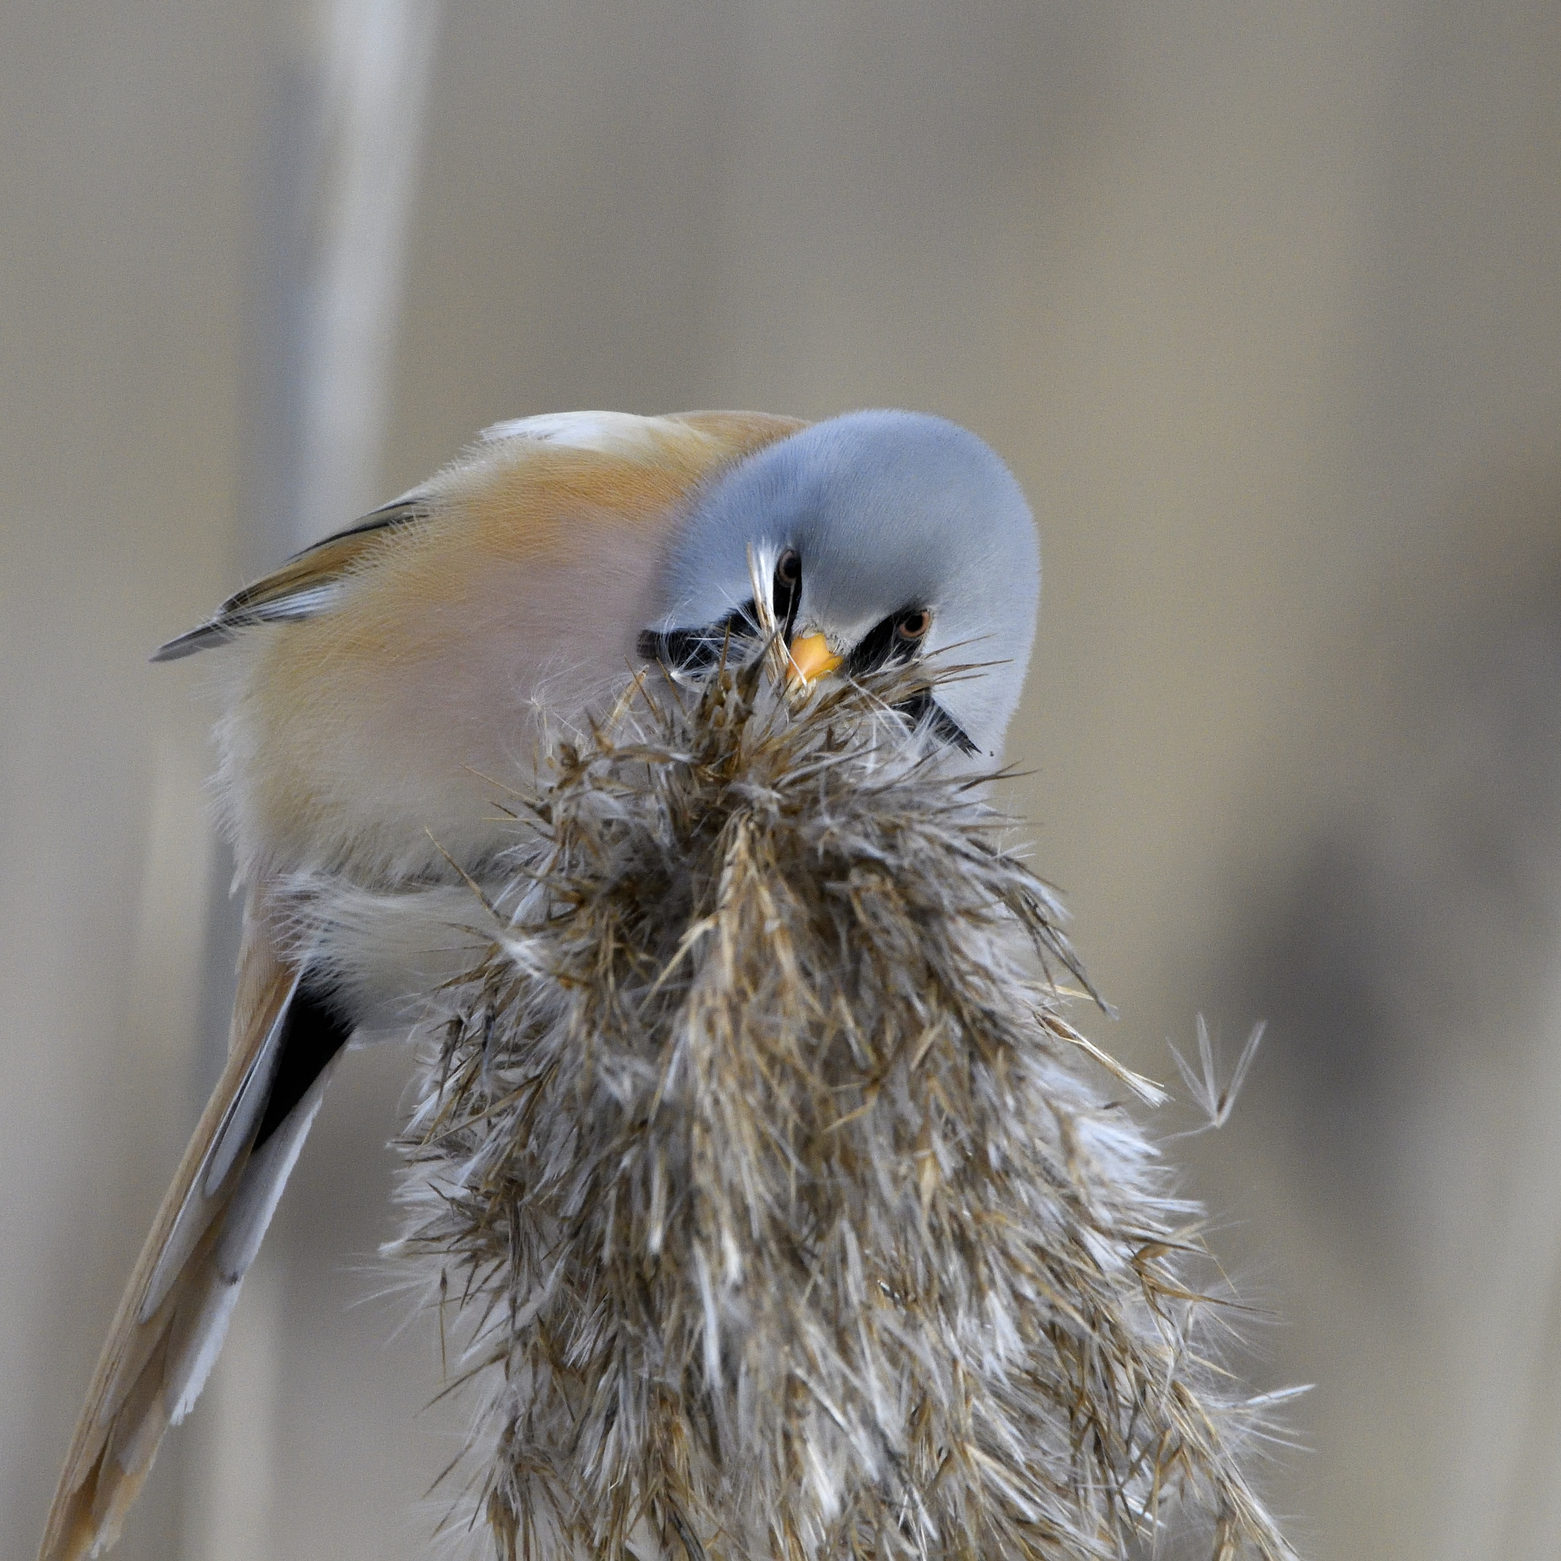 3. Bearded reedling, male